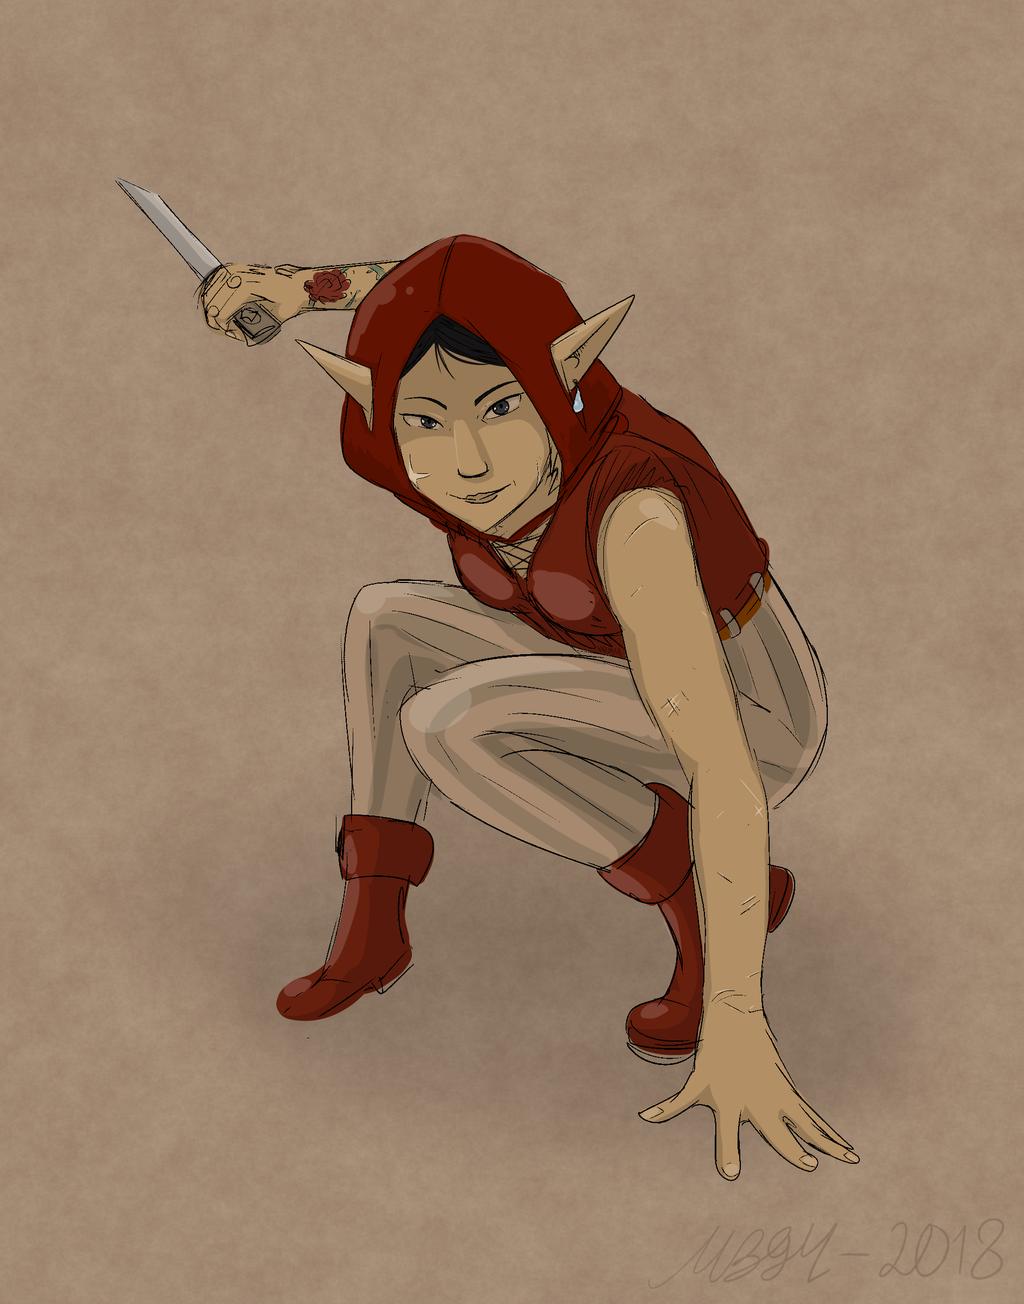 Most recent character: Hilprys Hilarius